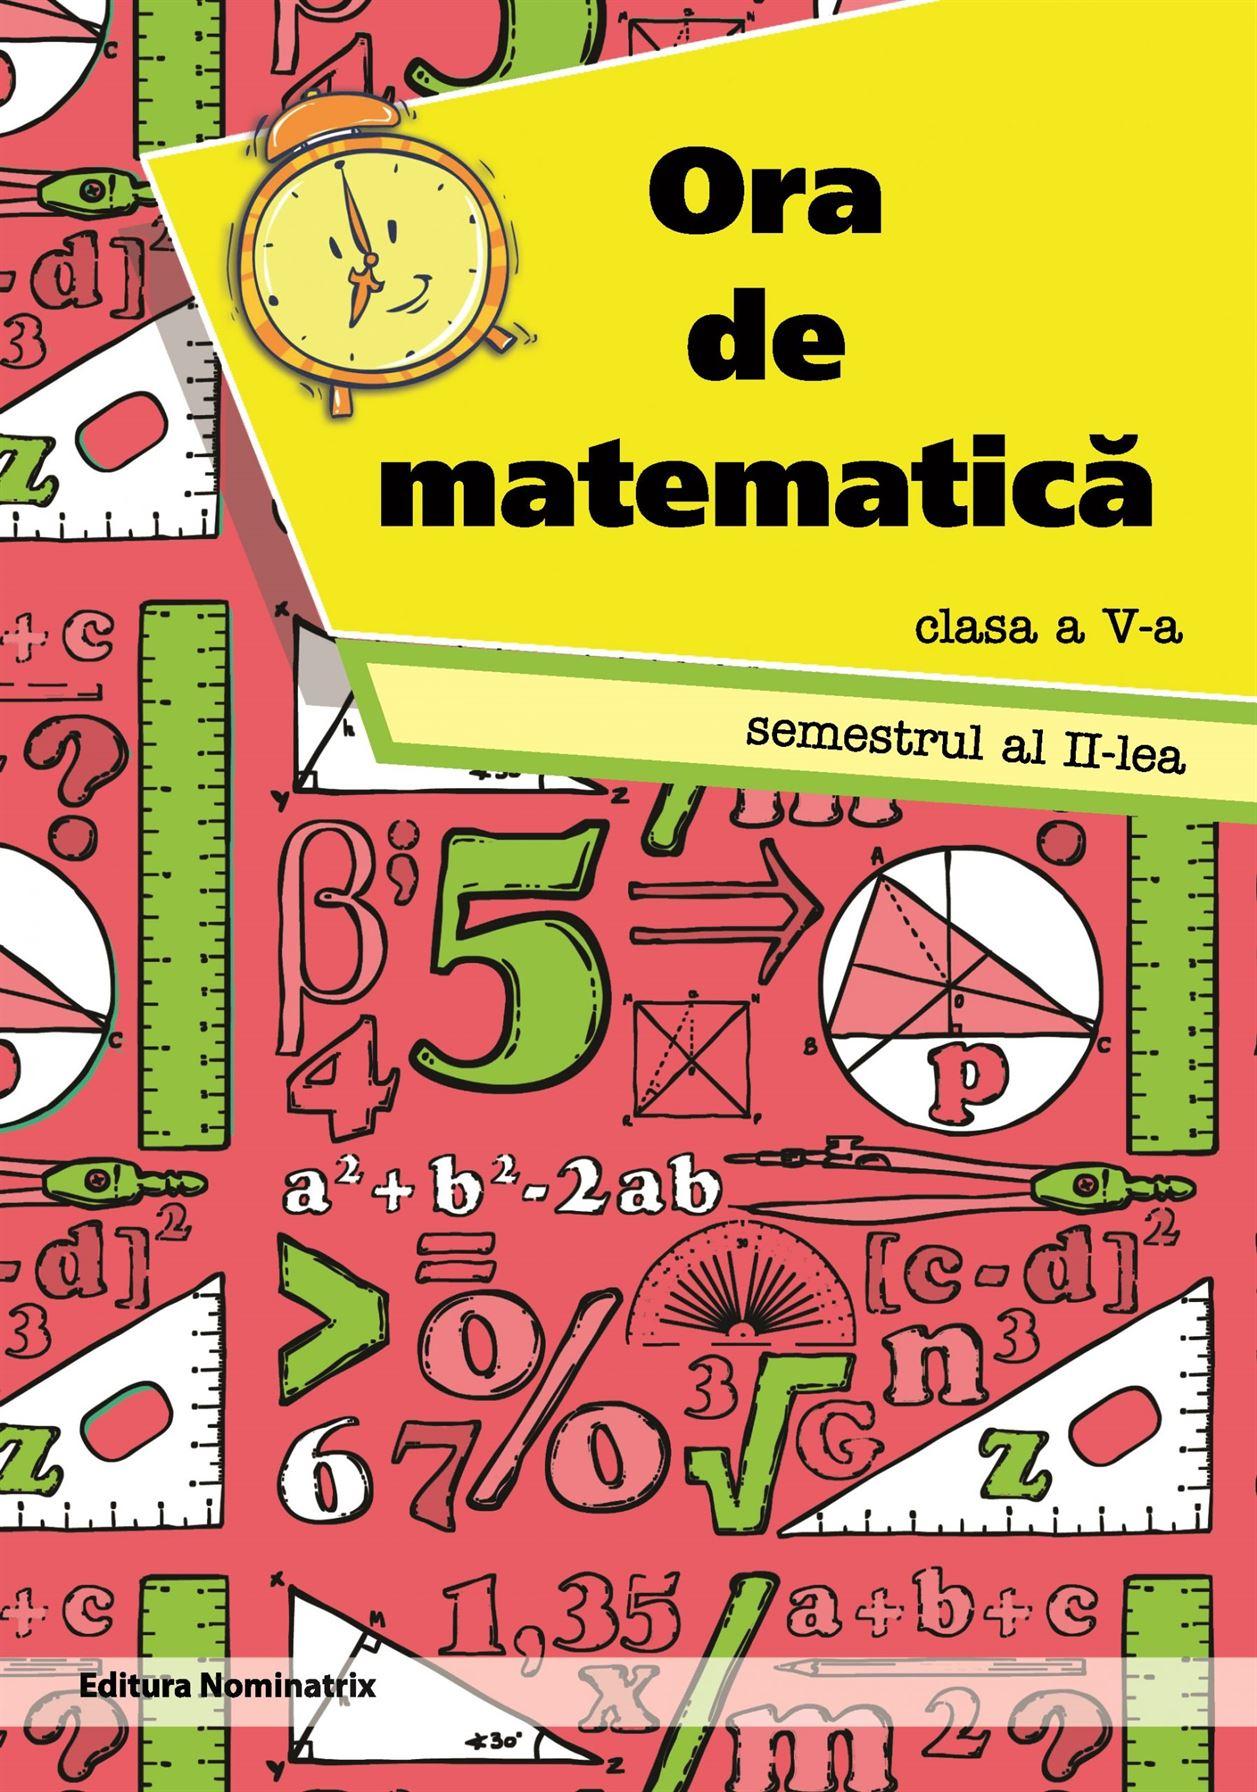 Ora de matematica clasa a V-a sem. 2 1